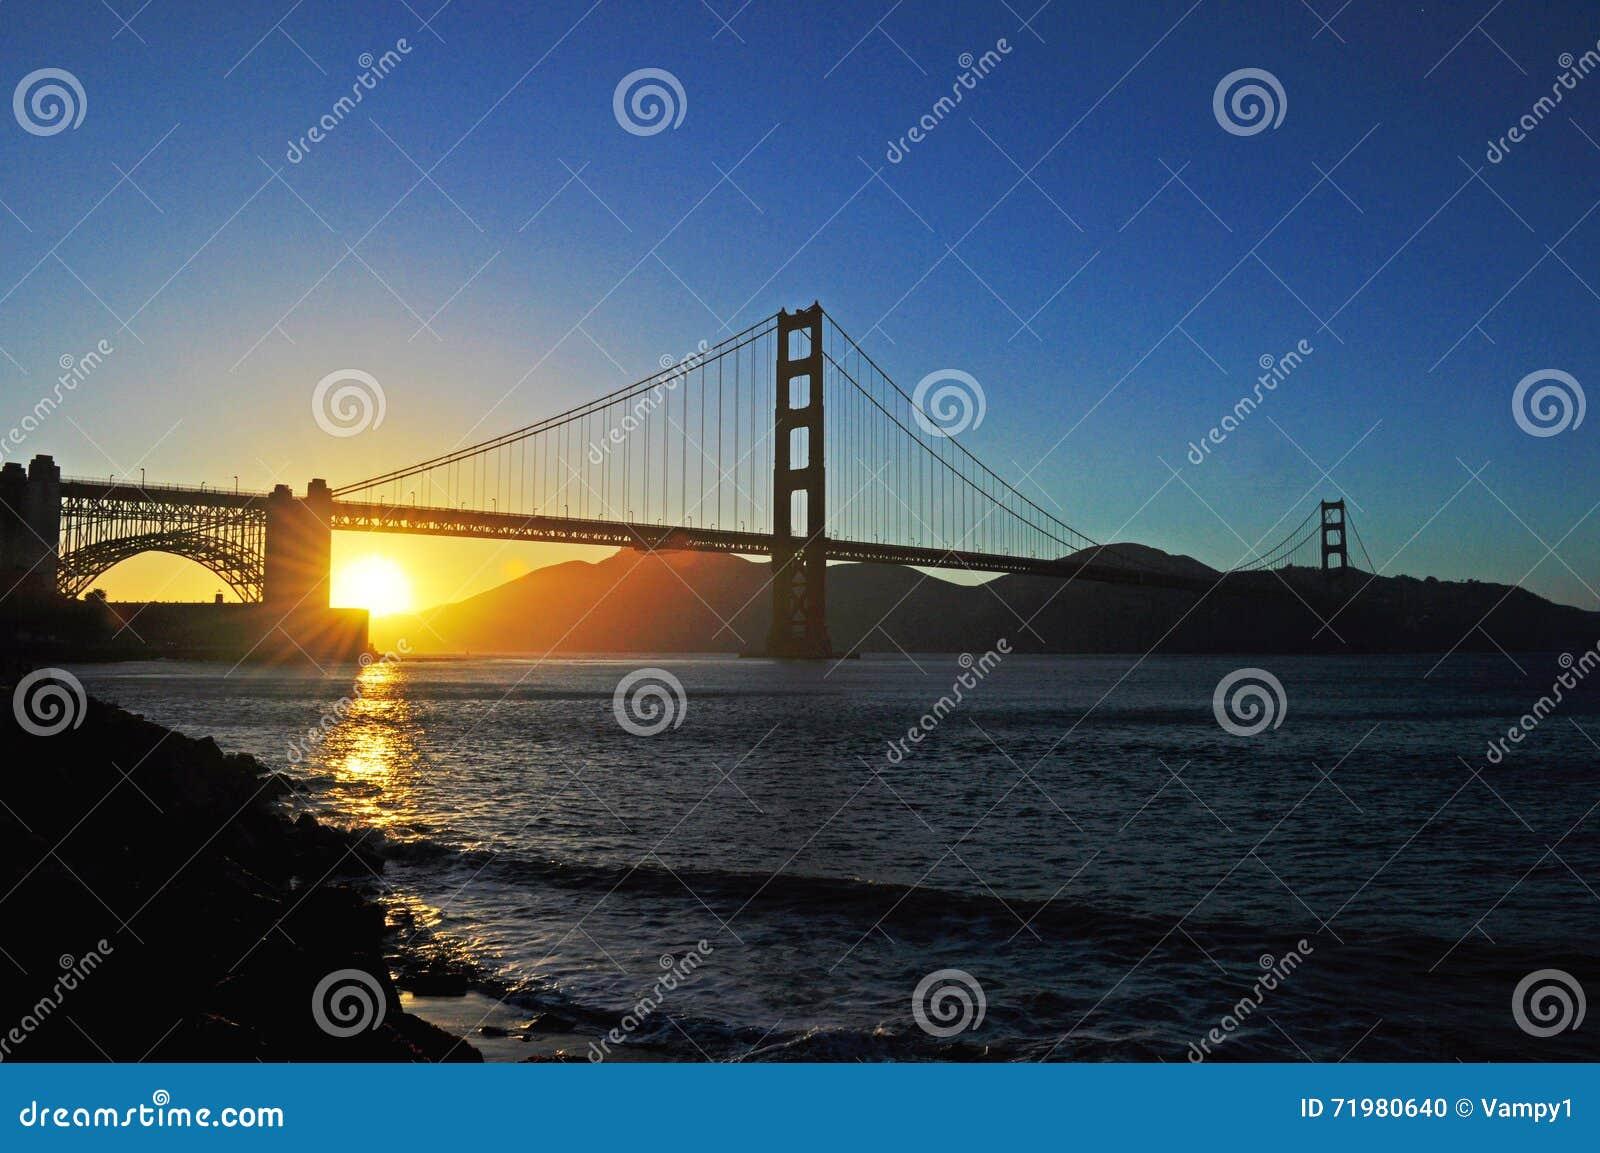 旧金山,加利福尼亚,美利坚合众国,美国